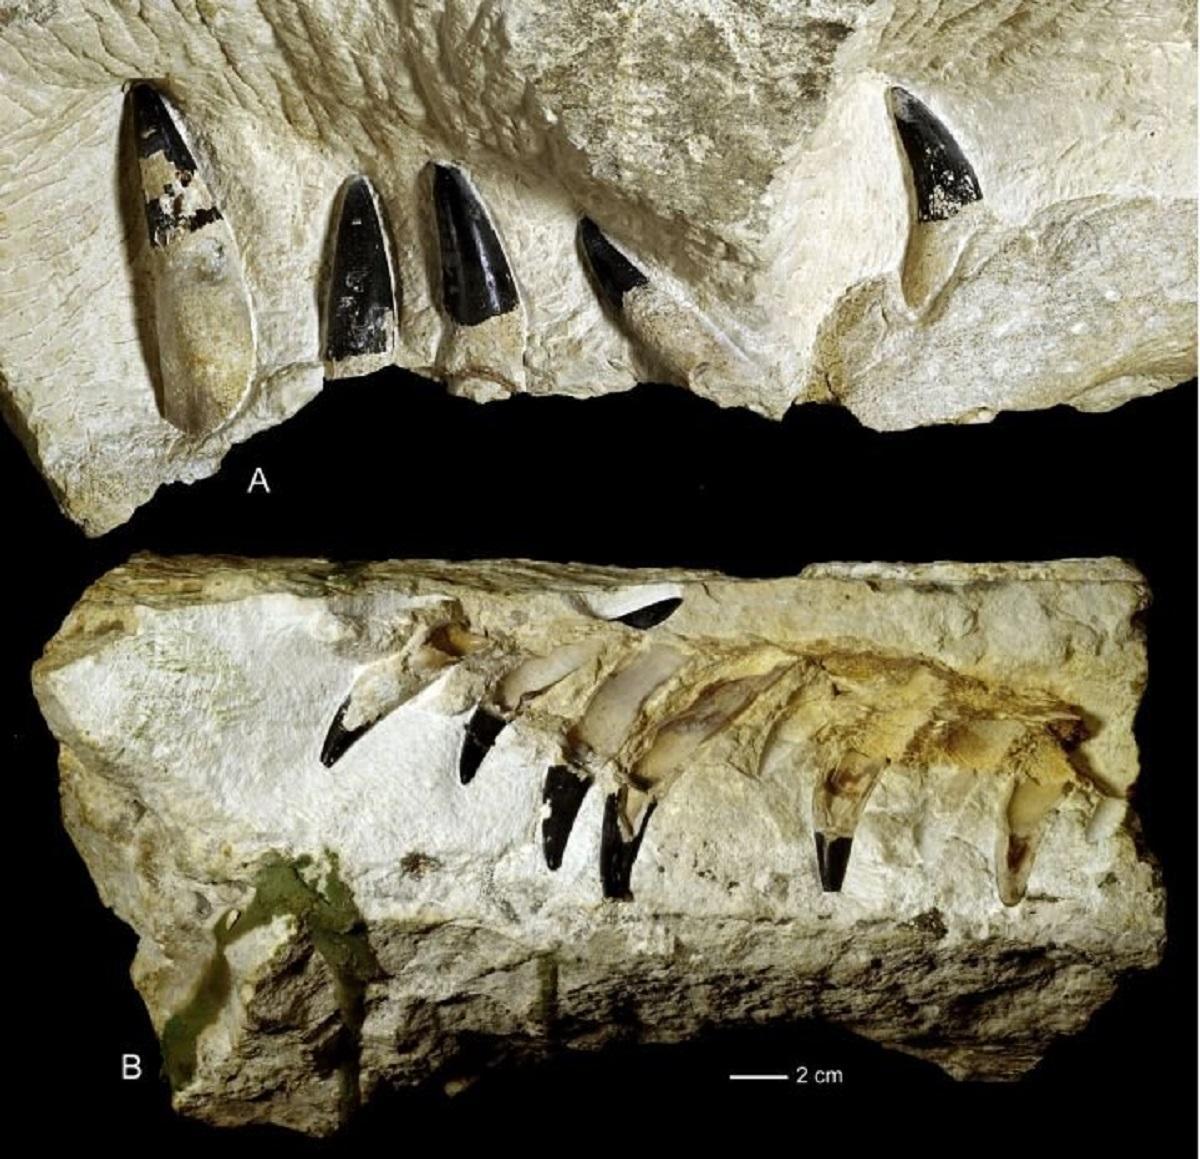 В Польше обнаружено 10-метровое морское чудовище